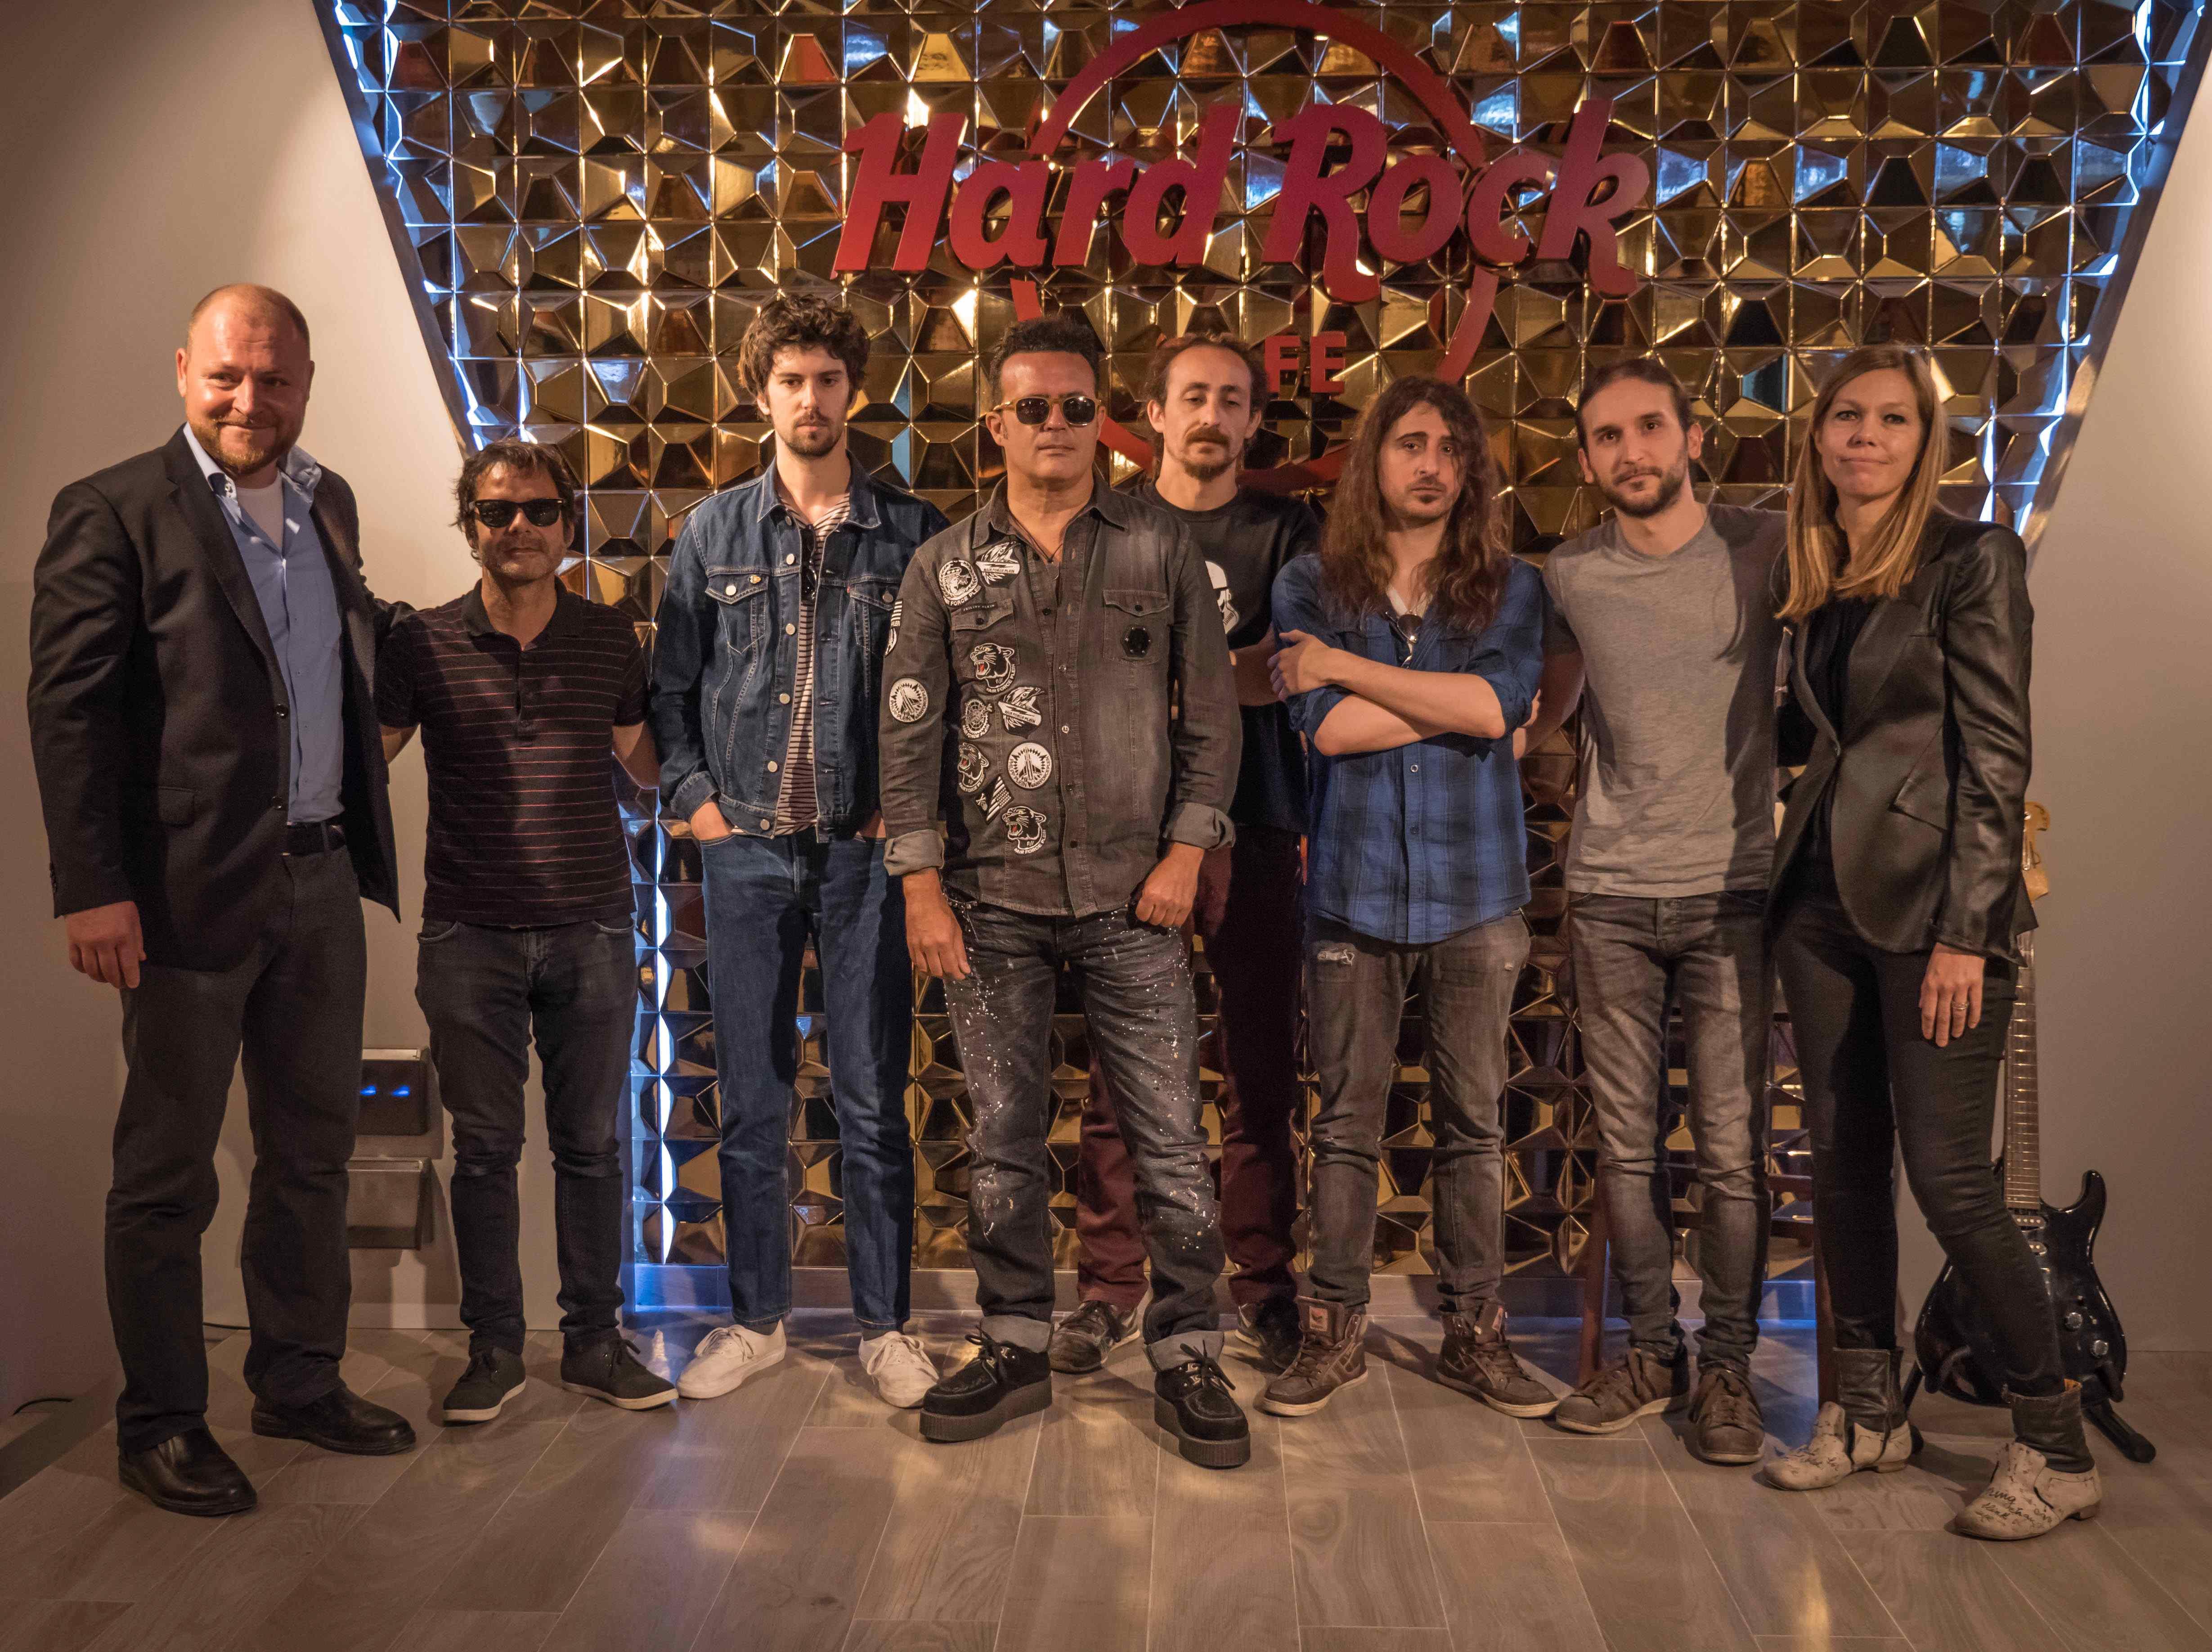 GALERÍA| Así es el nuevo restaurante de Hard Rock Café en València